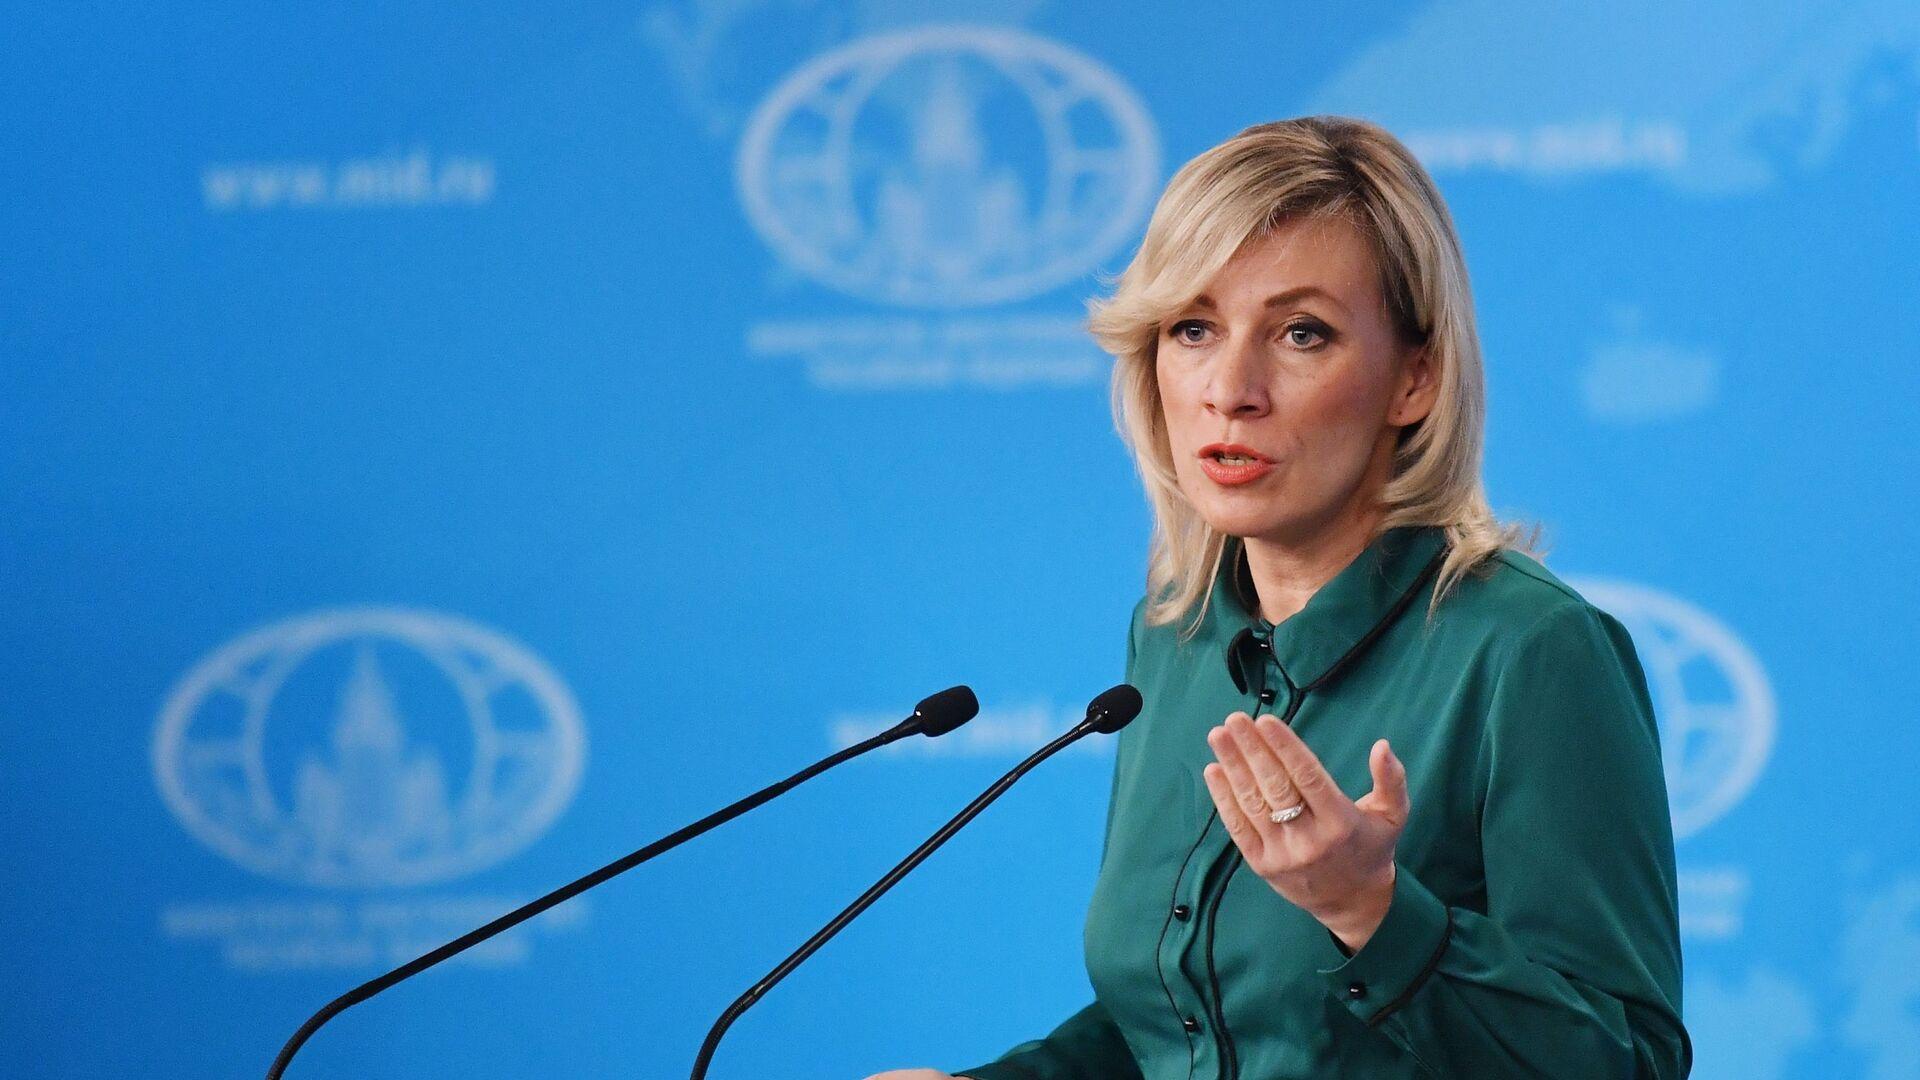 María Zajárova, portavoz del Ministerio de Asuntos Exteriores de Rusia - Sputnik Mundo, 1920, 14.10.2021